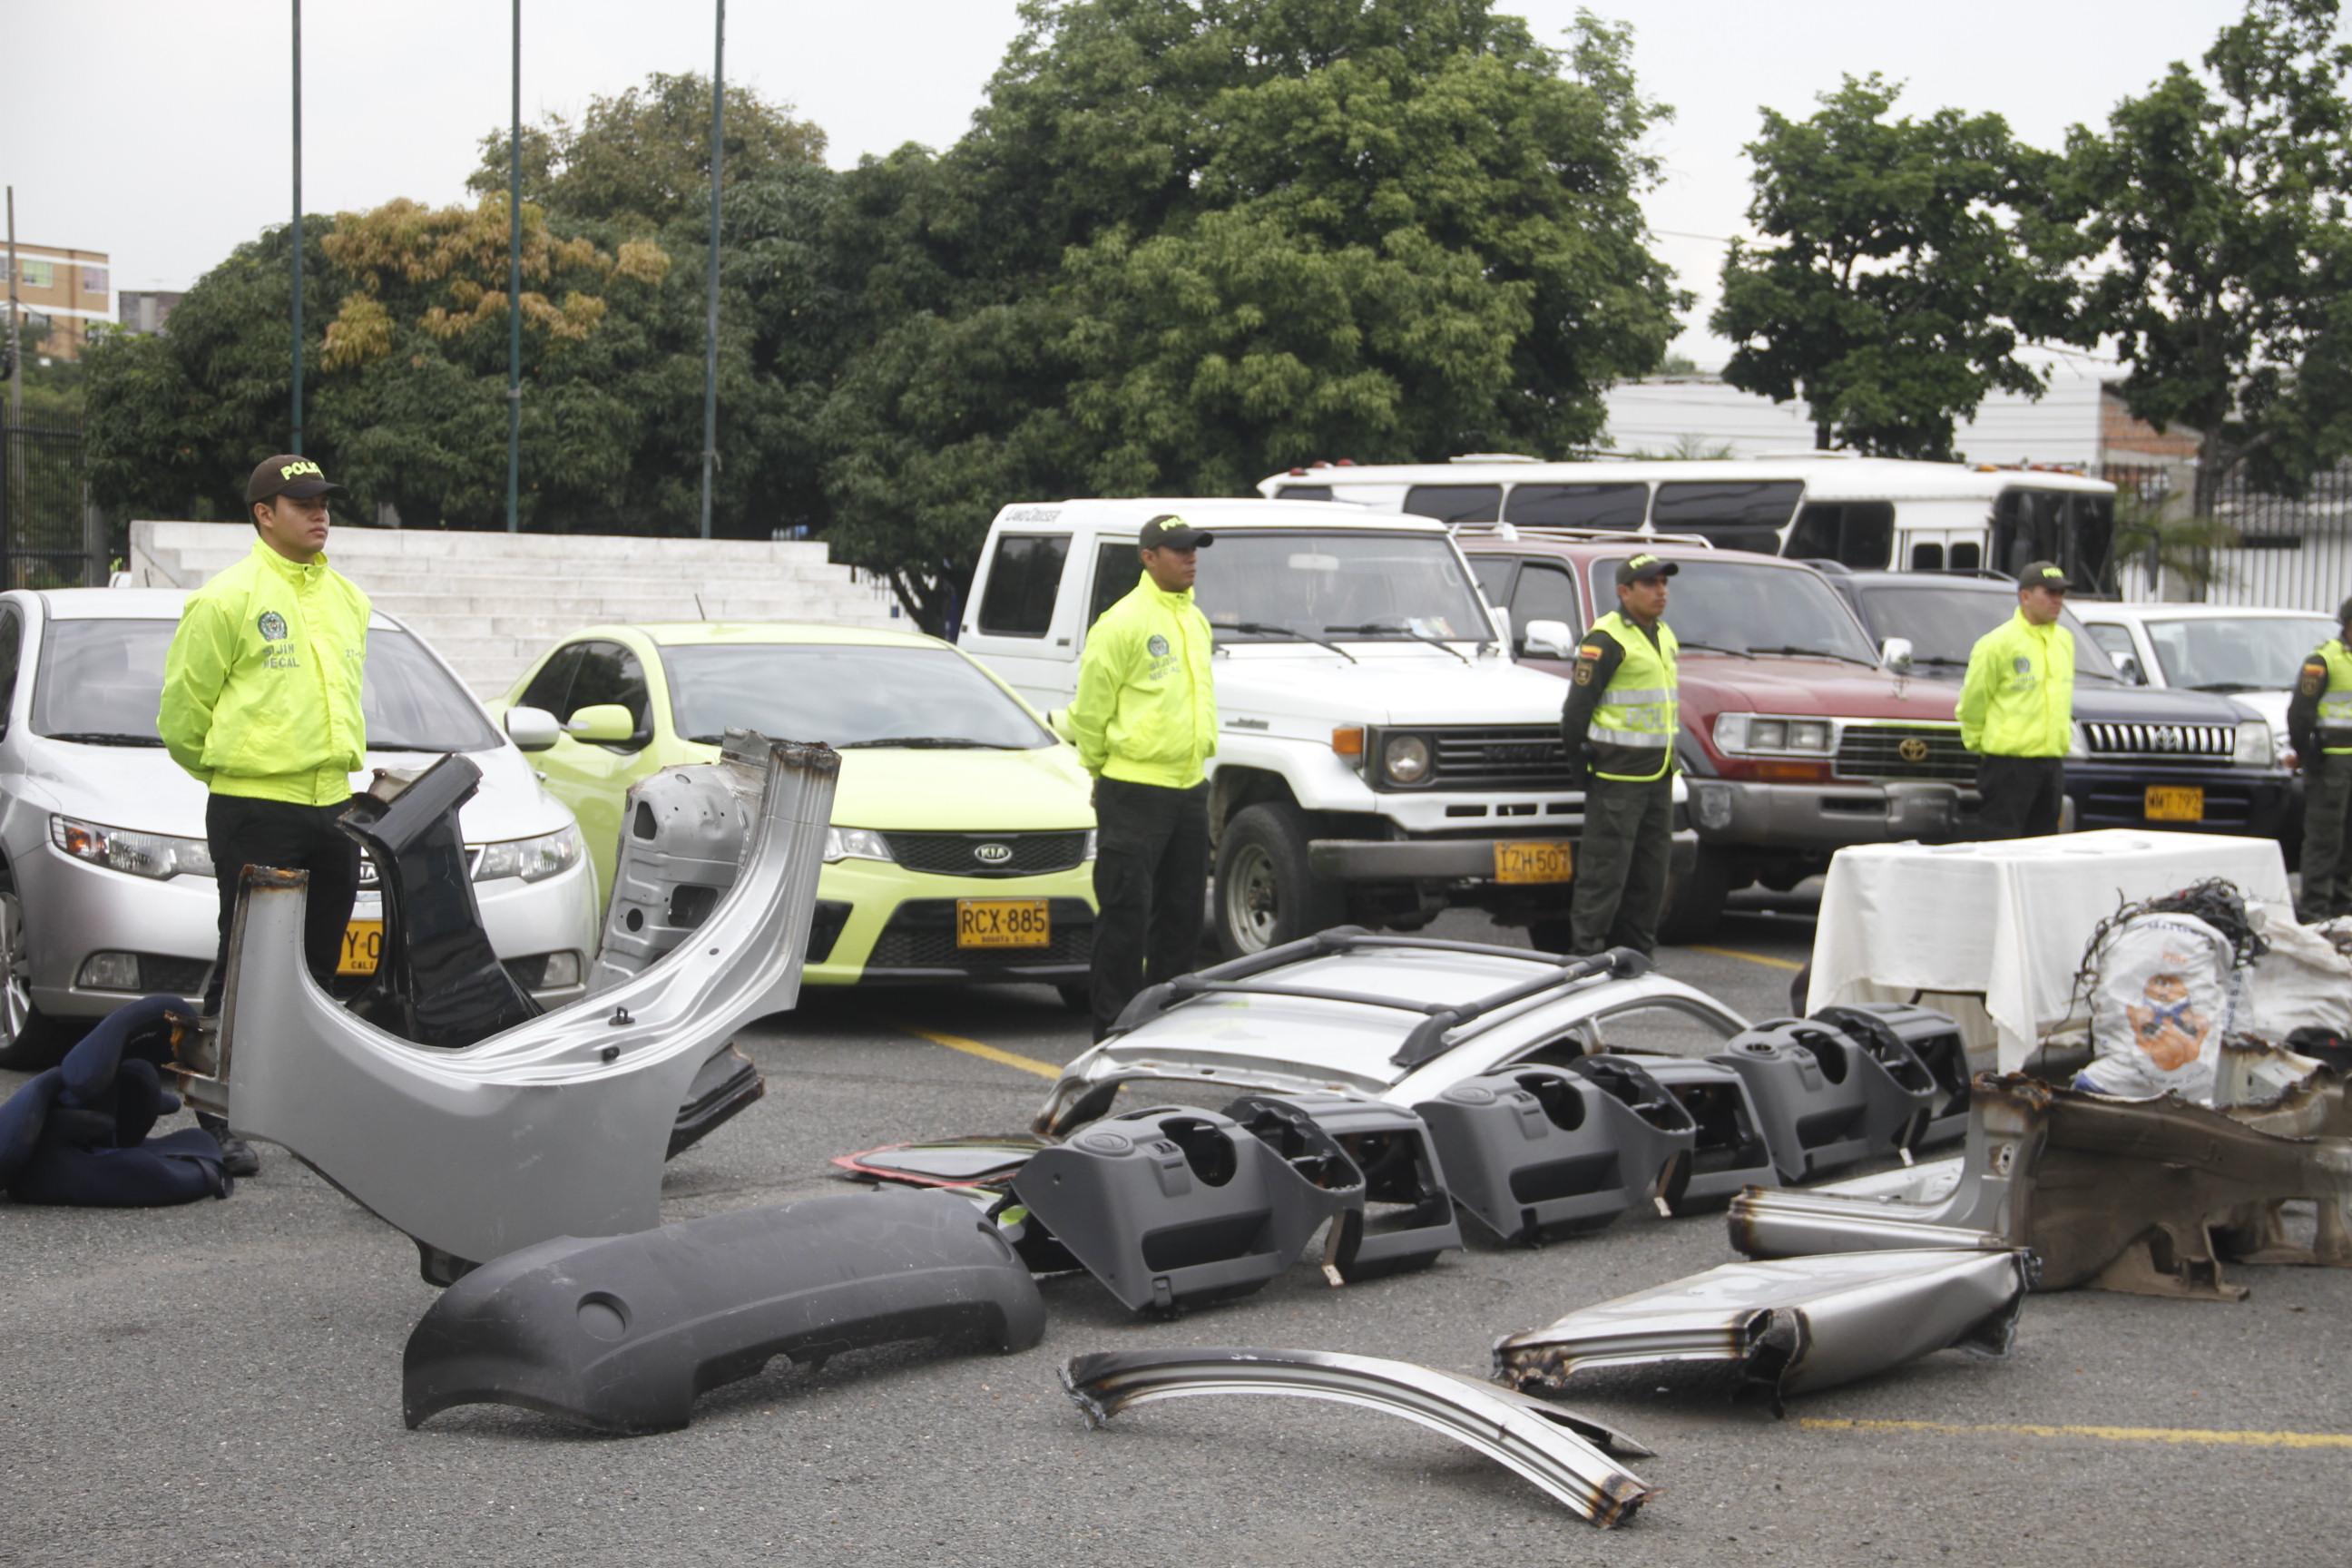 Policía recuperó vehículos de alta gama que habían sidos hurtados